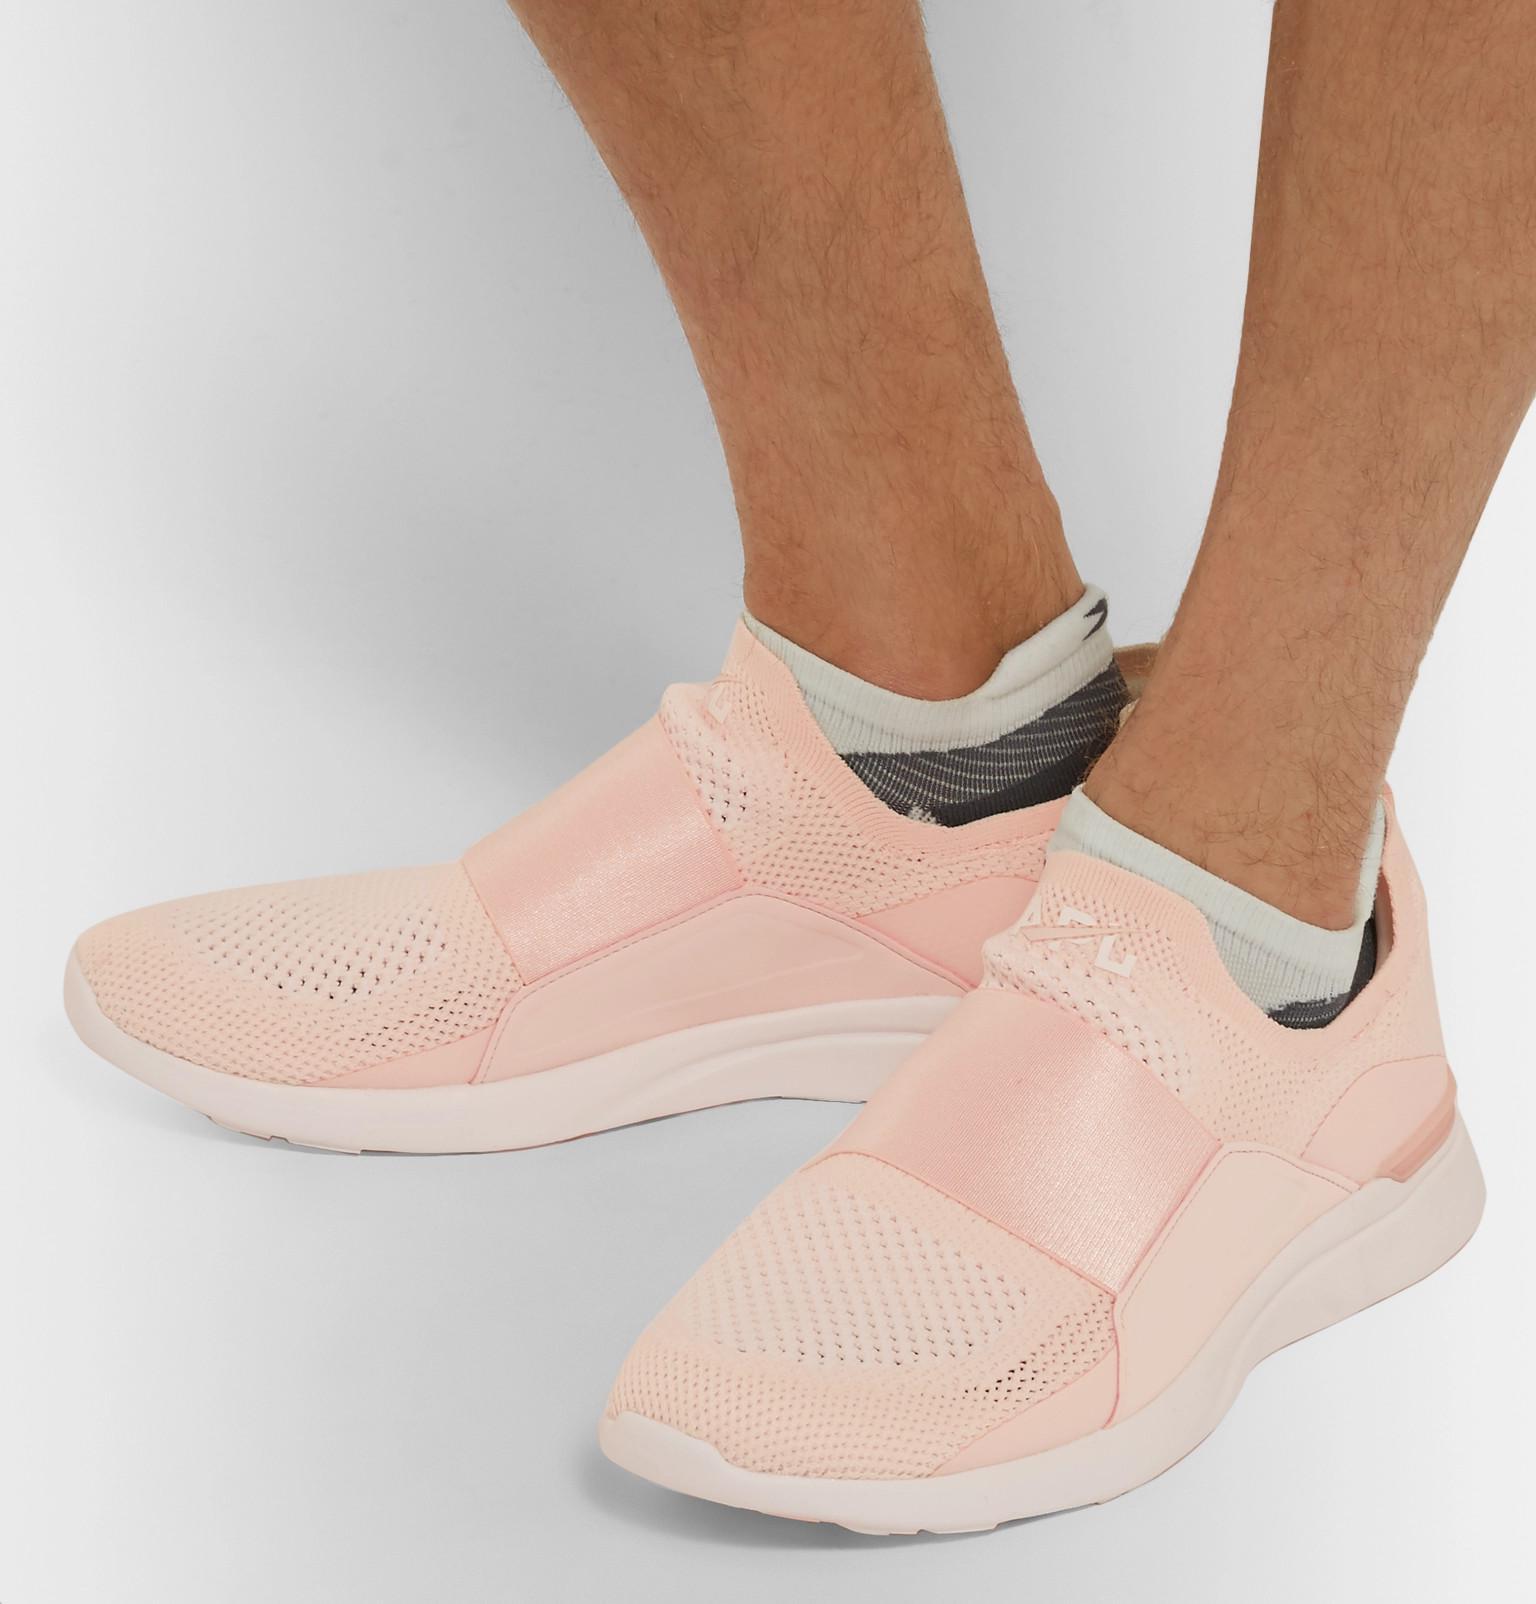 APL Shoes Techloom Bliss Slip-on